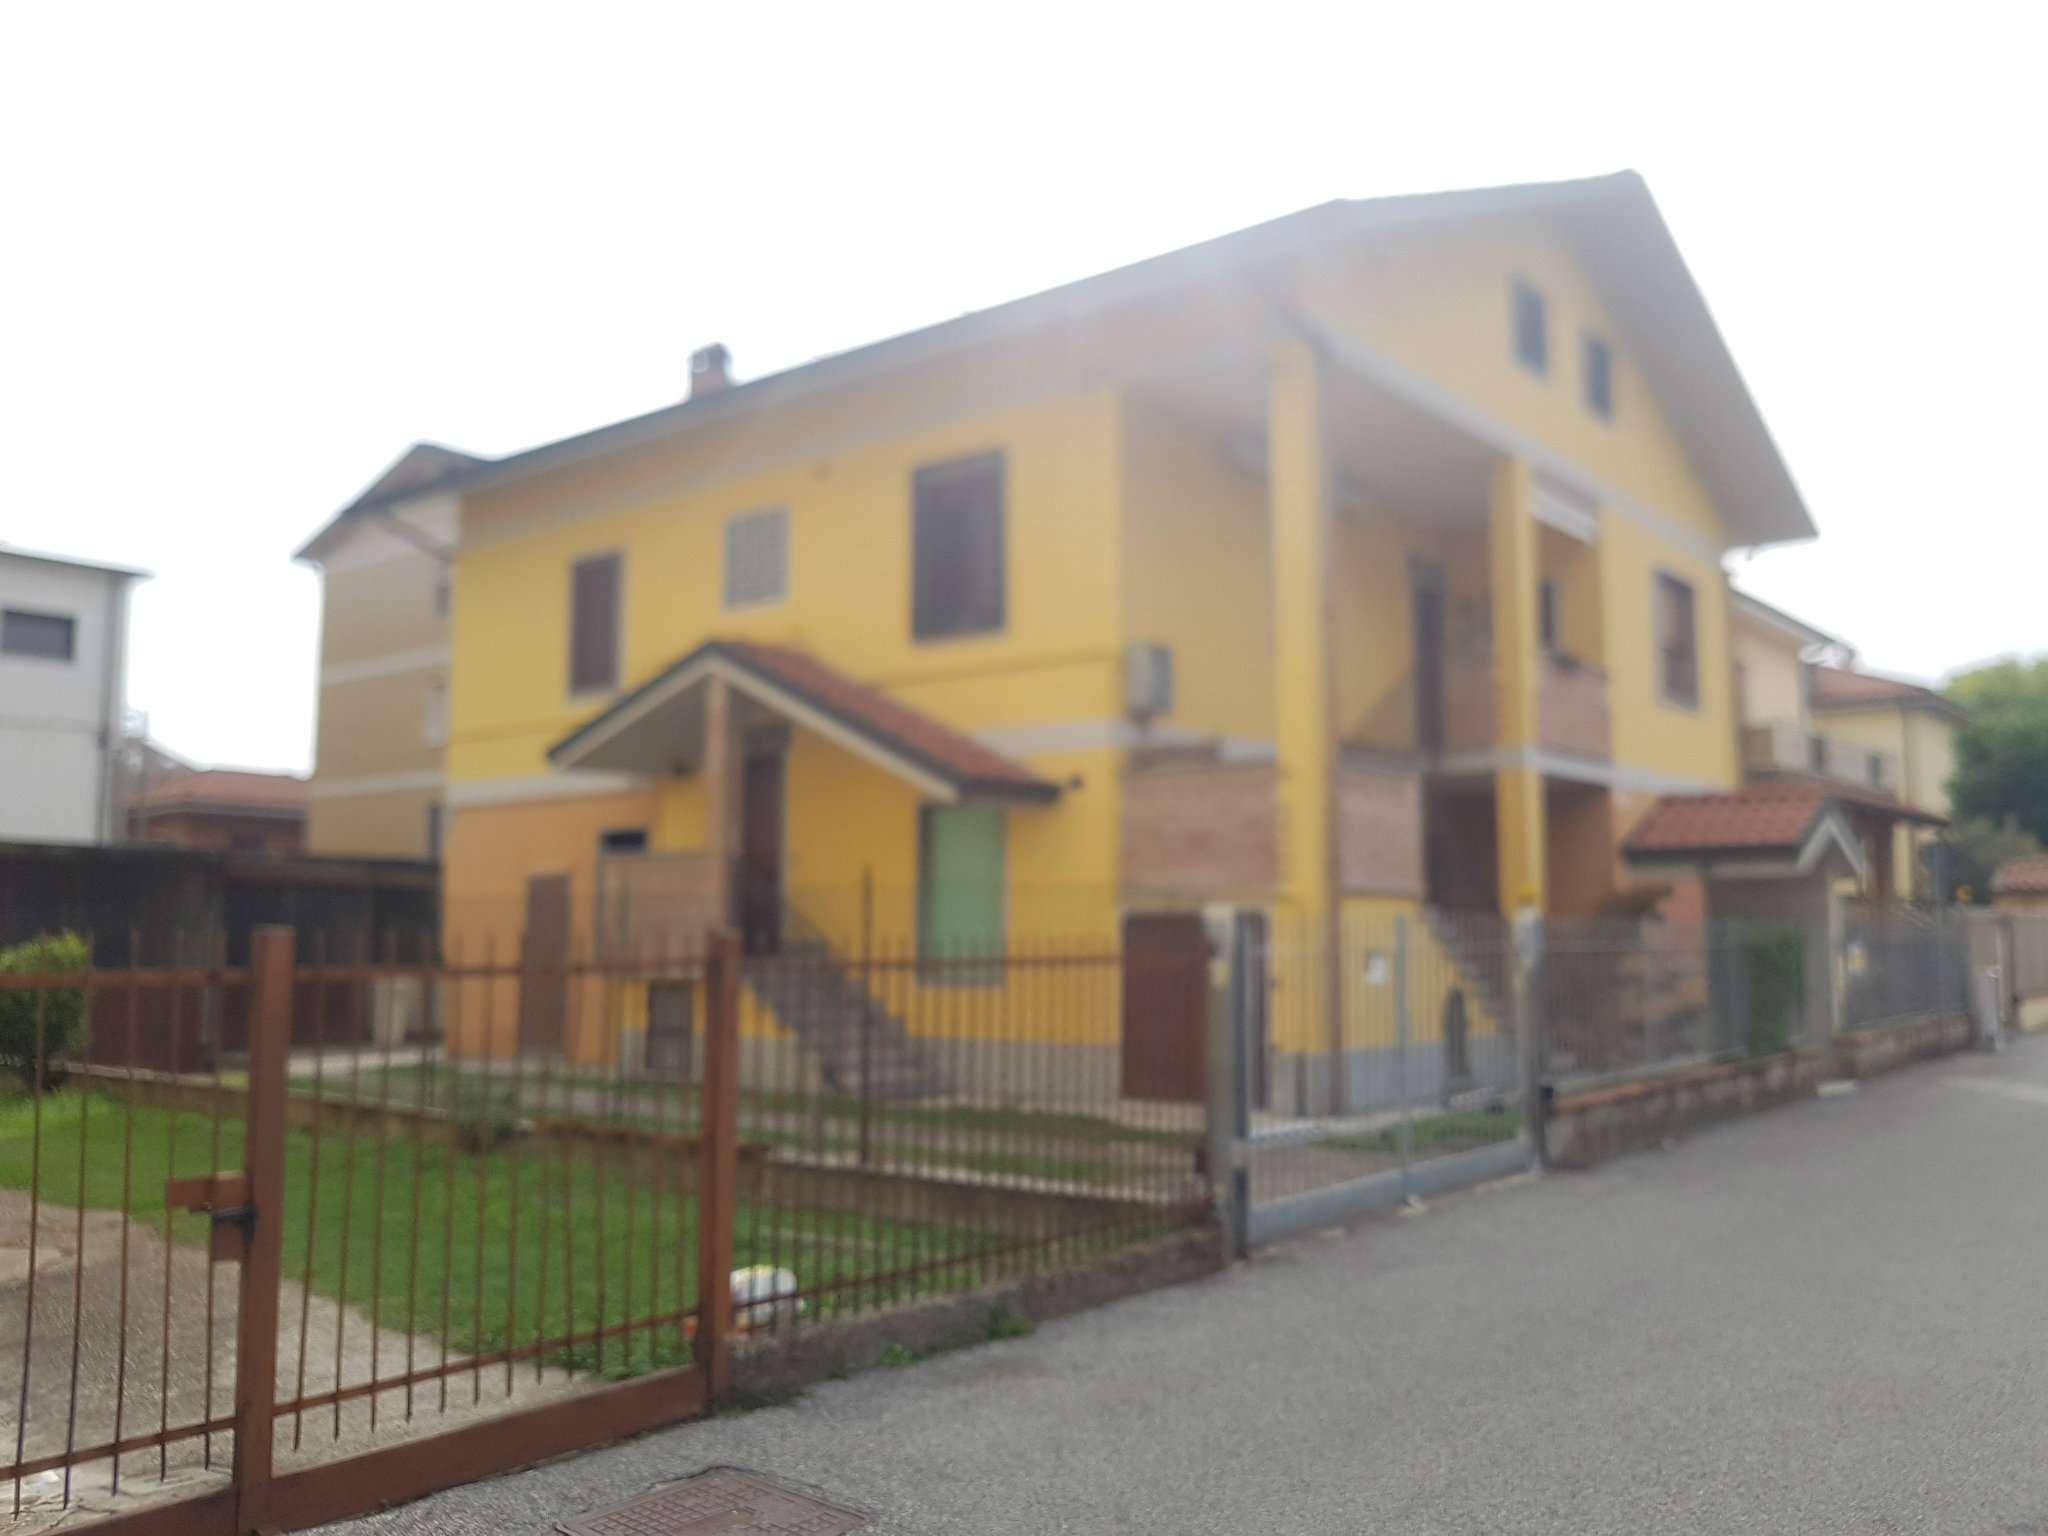 Appartamento in vendita a Mediglia, 2 locali, prezzo € 80.000 | CambioCasa.it